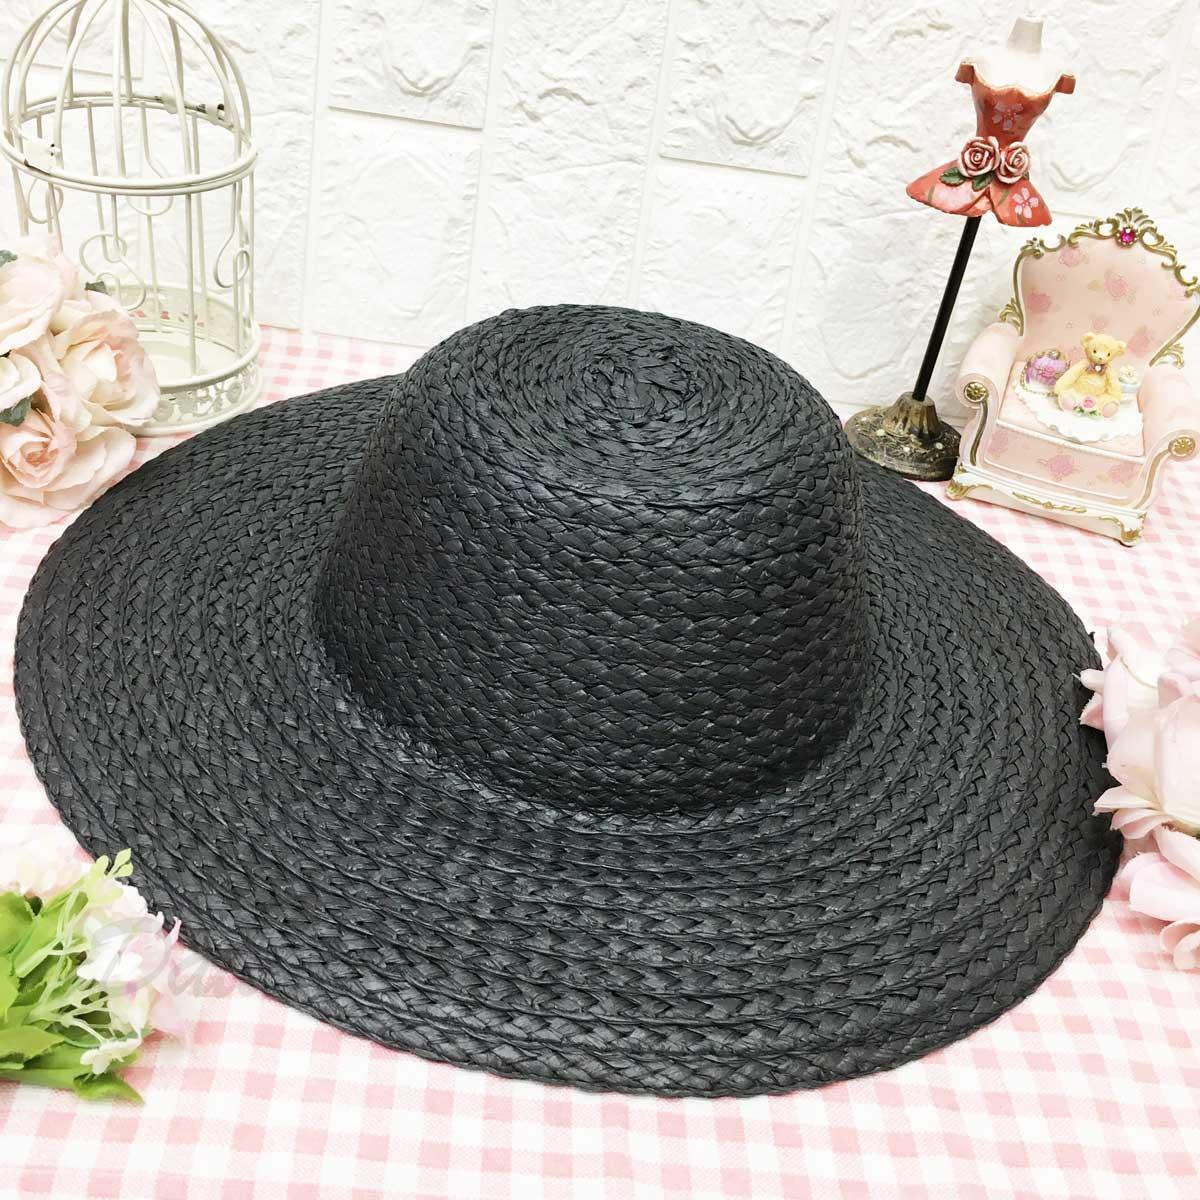 黑色 素面 單色 頭圍可調鬆緊 編織款 帥氣 個性風 帽子 遮陽帽 草帽